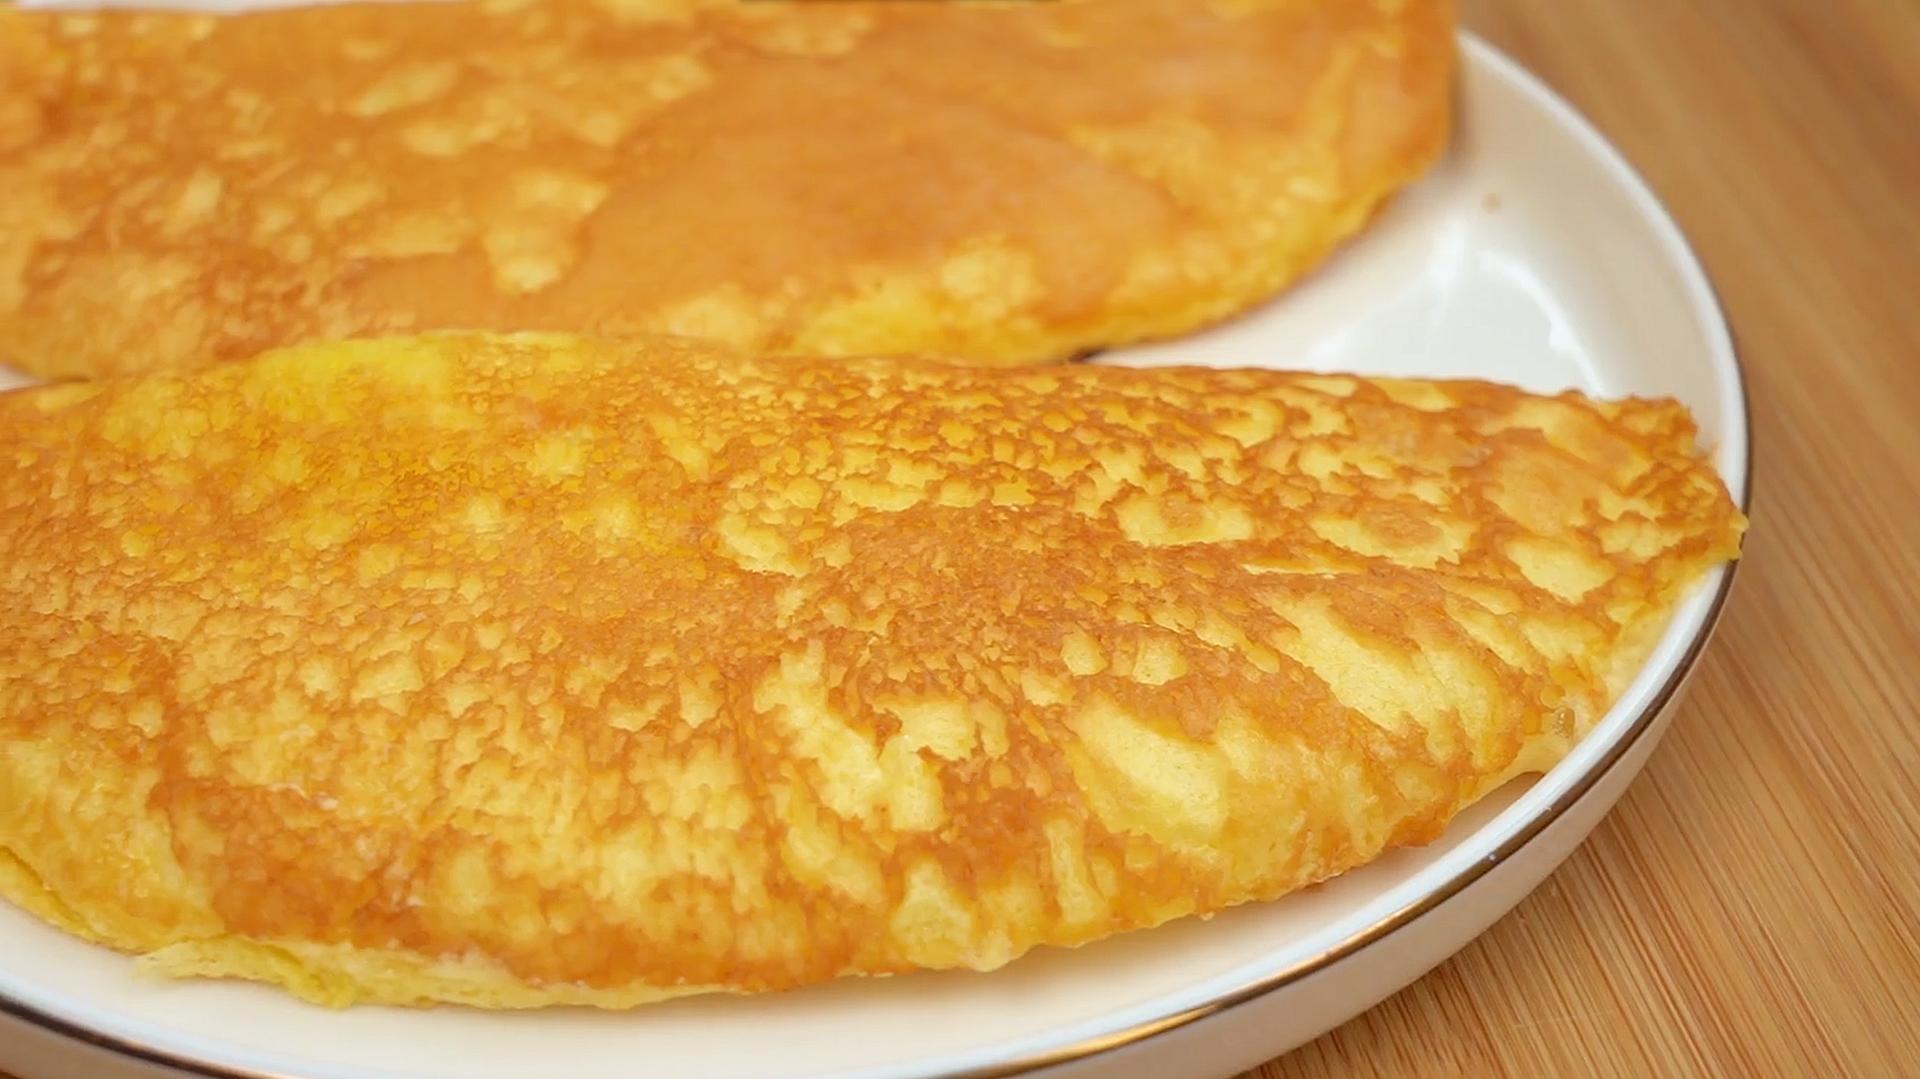 3个鸡蛋不加面粉,教你做早餐,比烙饼简单,绵软细腻,入口即化 美食做法 第3张